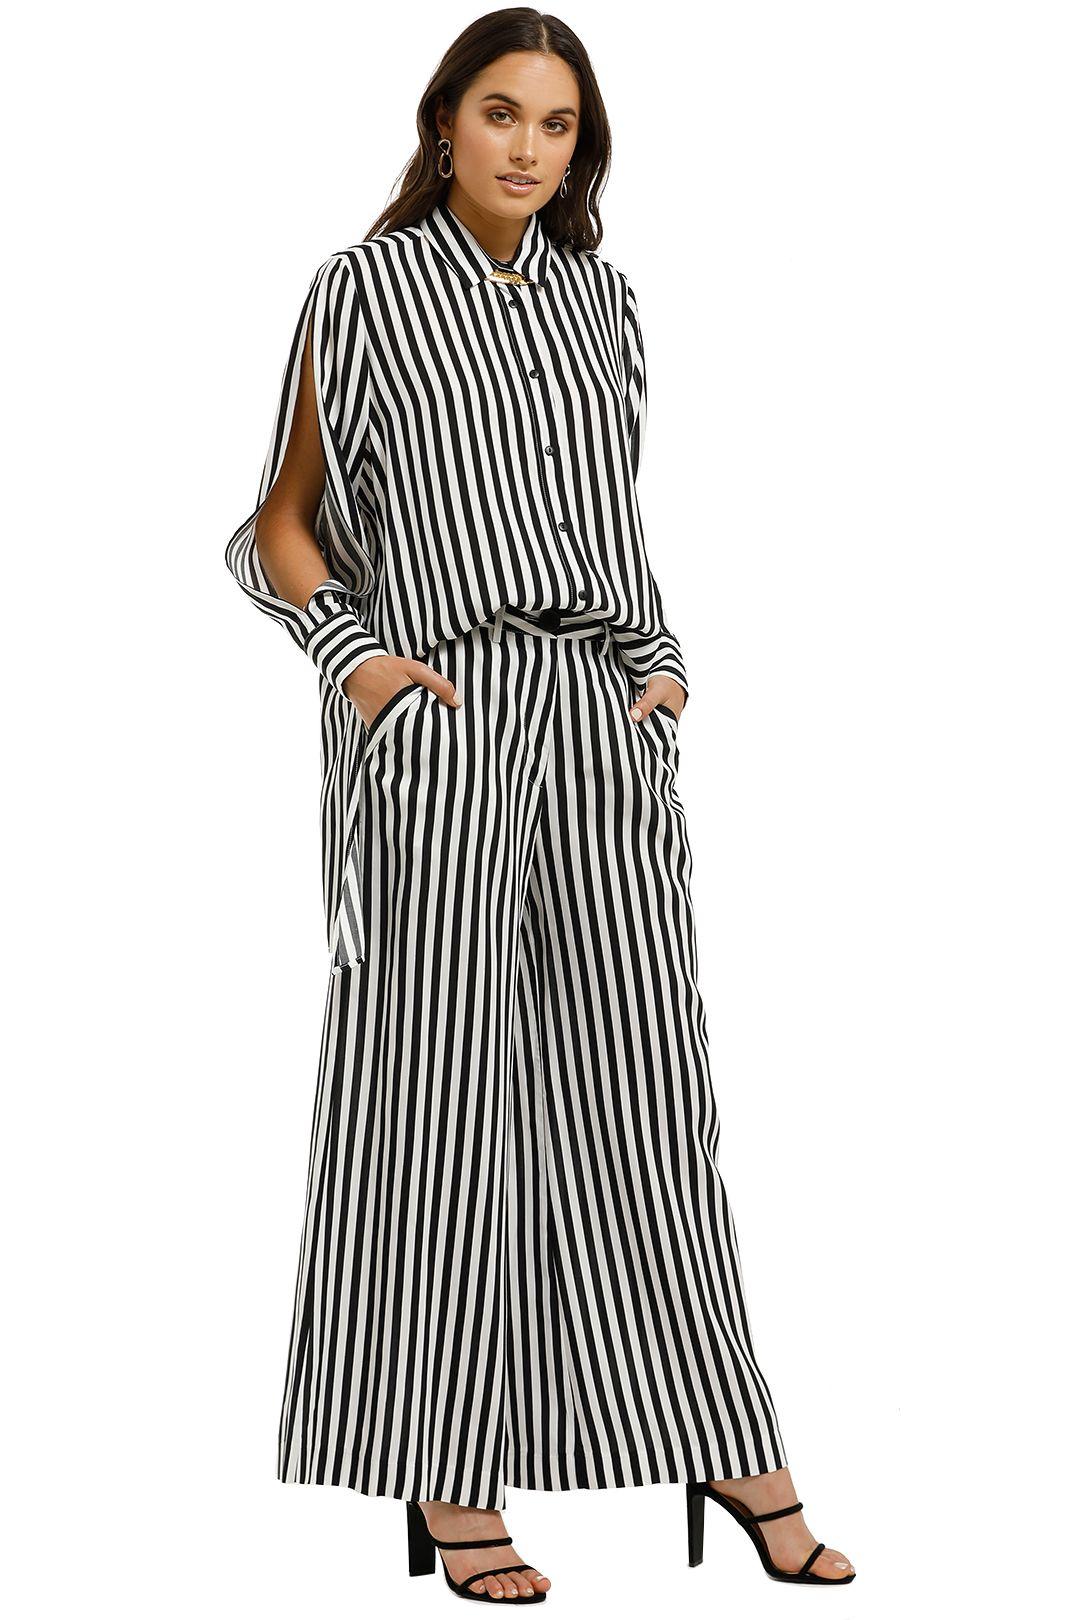 Cooper-By-Trelise-Cooper-Split-Tease-Shirt-Black-White-Stripe-Side